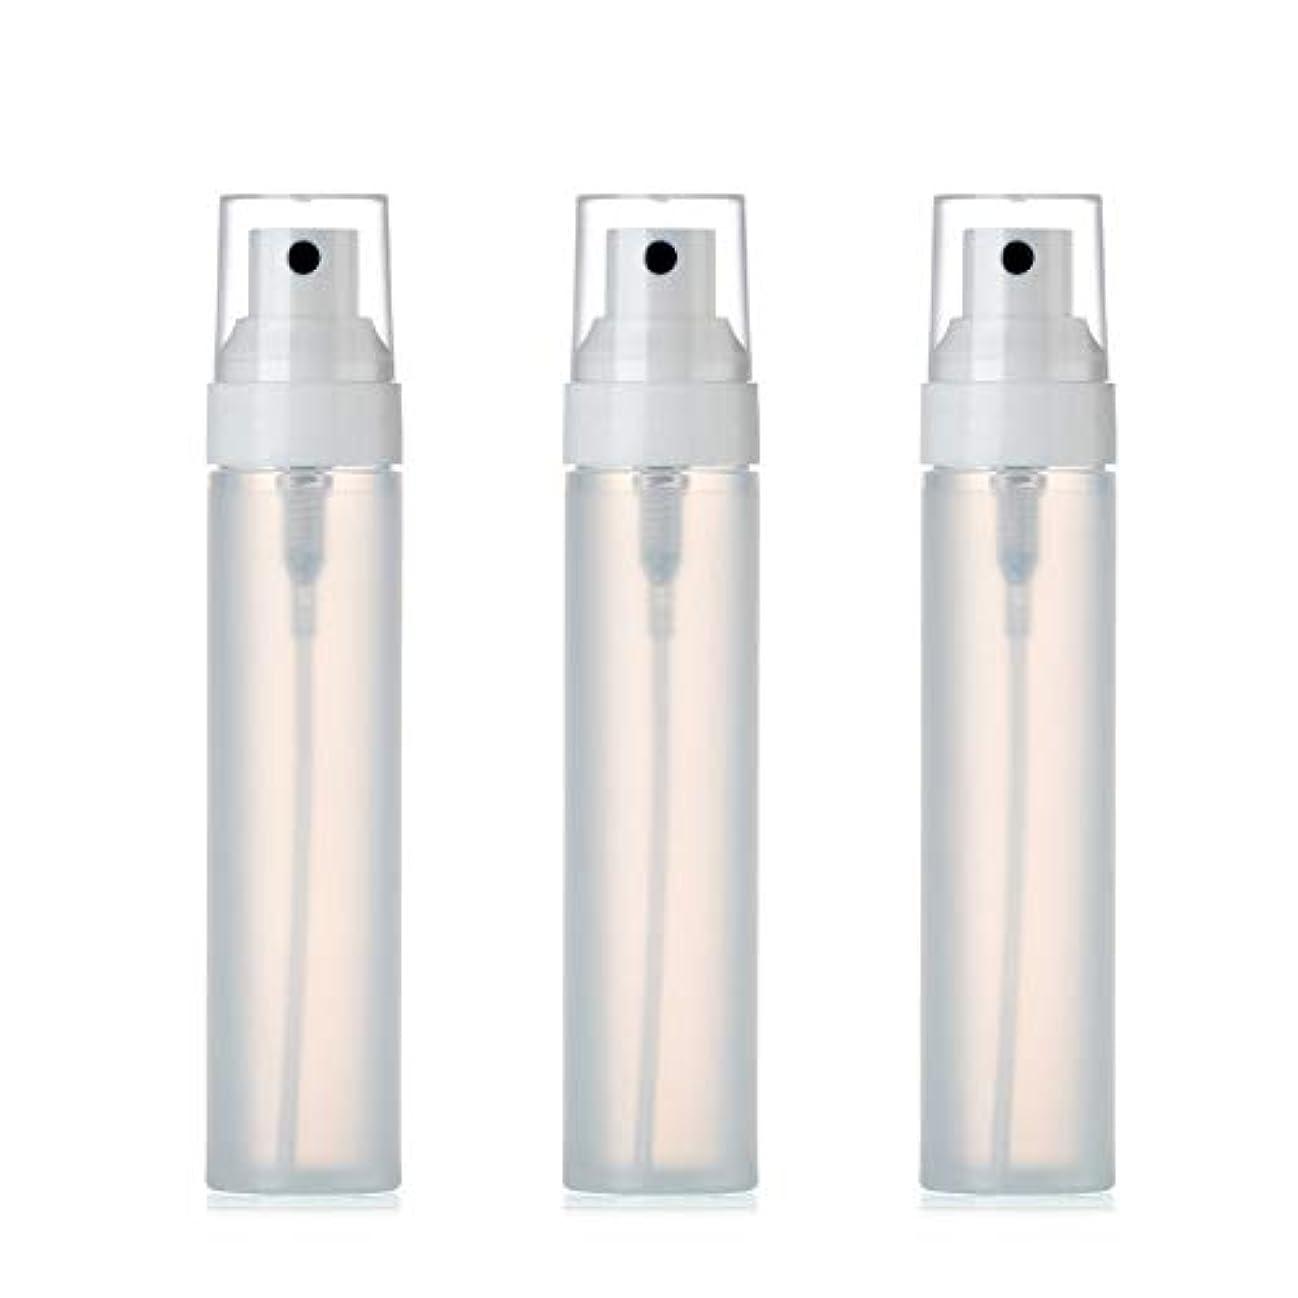 順番株式集まる極細のミスト 小分けボトル 3本セット 半透明 トラベルボトル PP 磨砂 スプレーボトル 化粧水 詰替用ボトル 霧吹き 環境保護 詰め替え容器 旅行用品 (50ml)